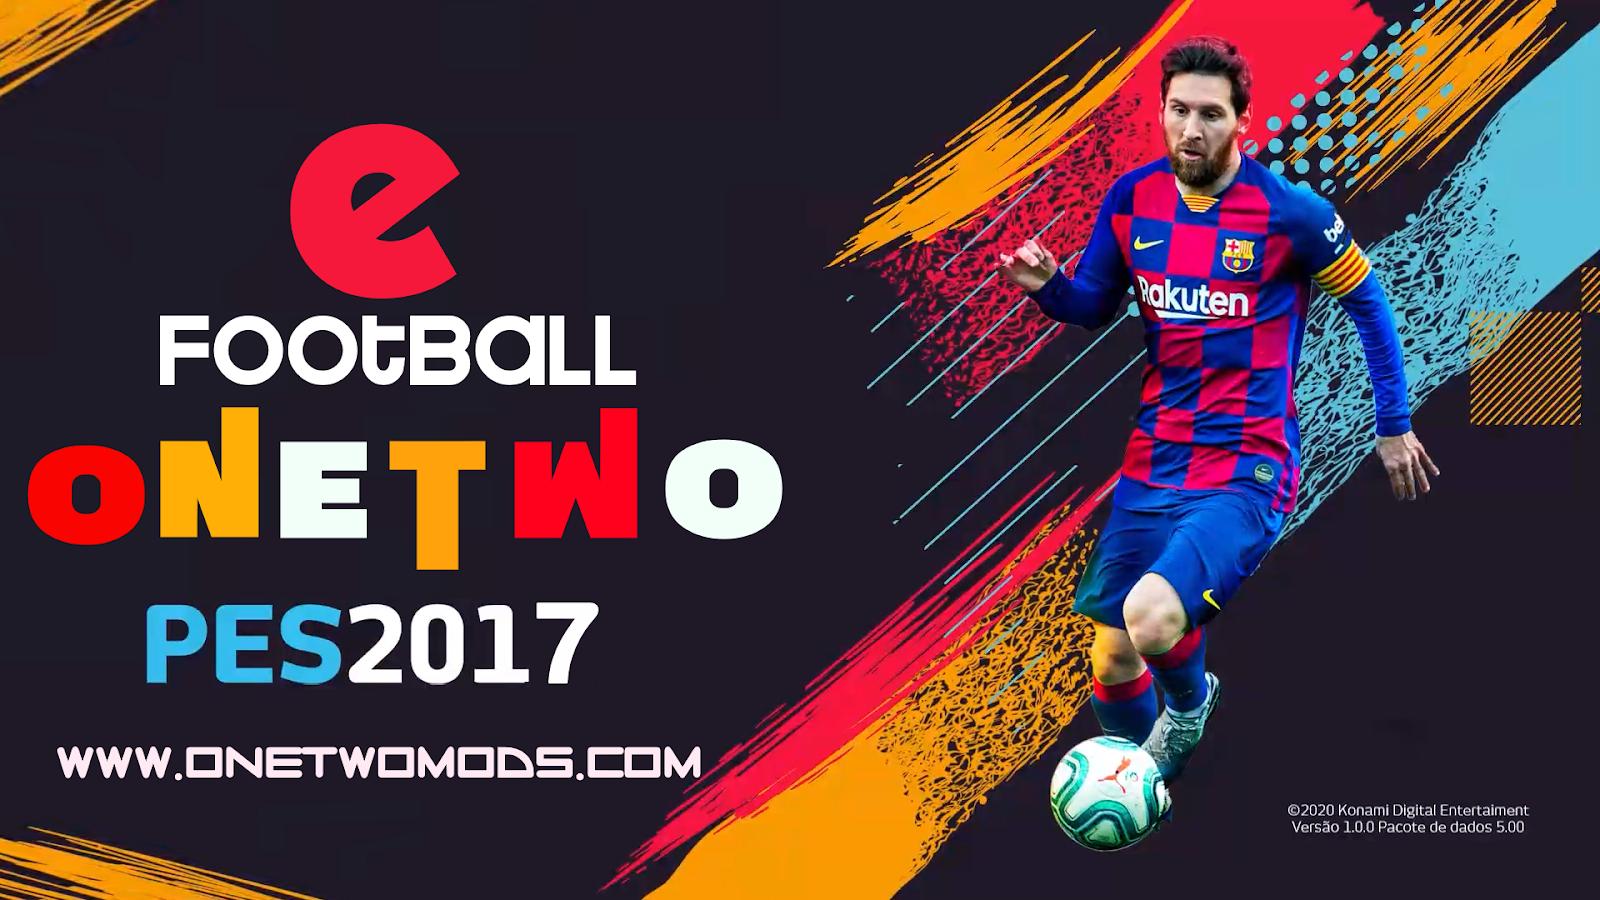 تحميل لعبة كرة القدم الشهيرة ONE TWO نسخة كاملة شاملة التحديثات والاضافات بحجم 30 جيجا